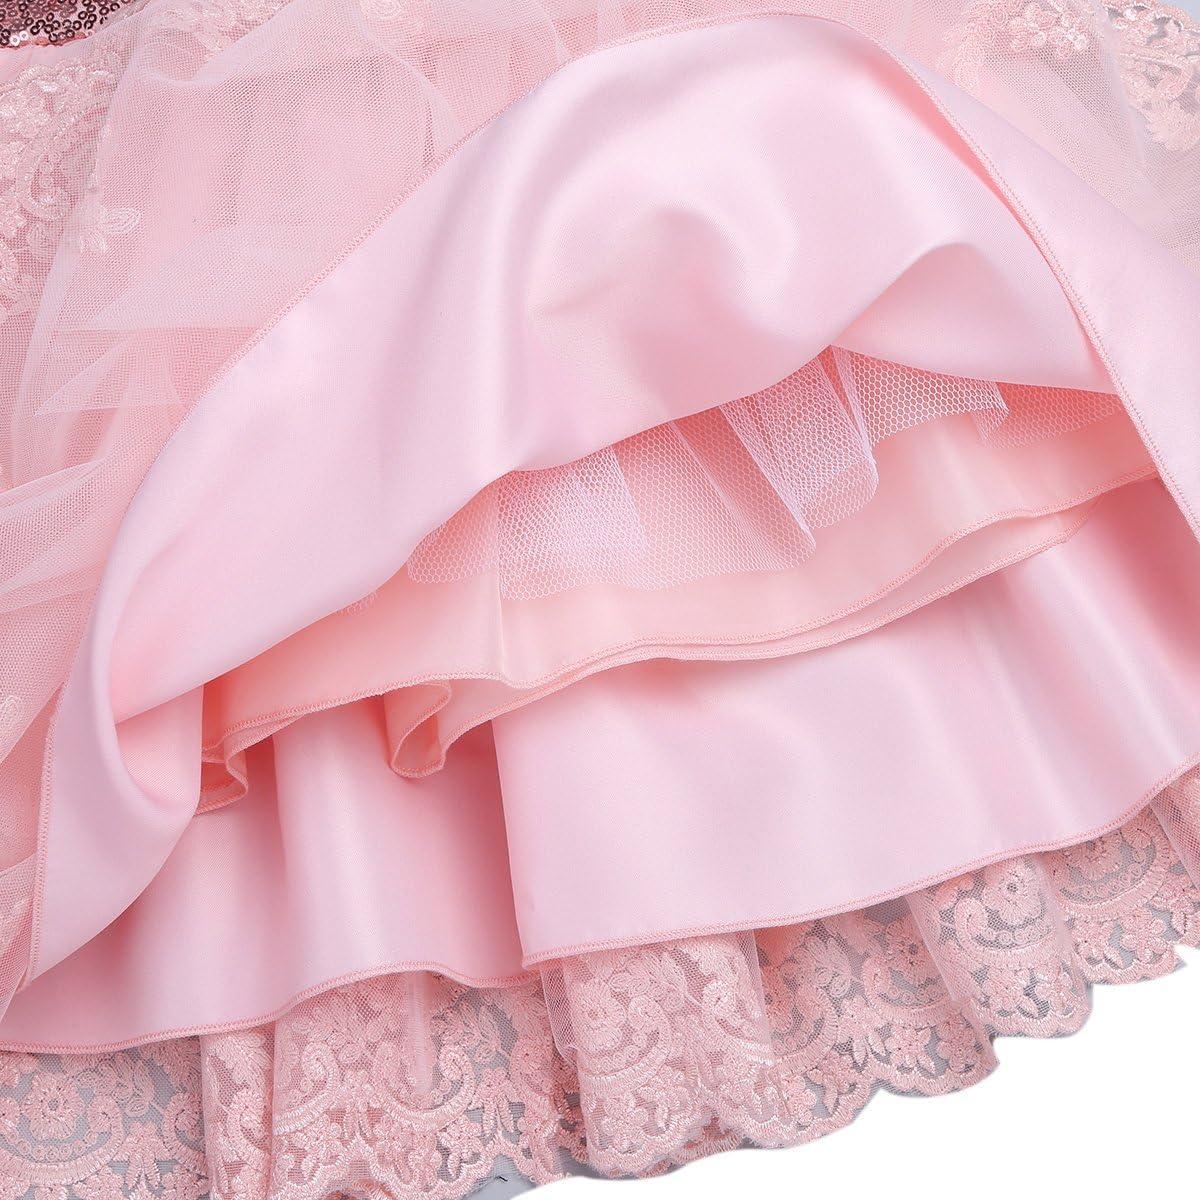 dPois Baby M/ädchen Prinzessin Kleid Blumenm/ädchen Kleid Taufkleid Kinder Pompon Kleid Festlich Hochzeit Kleid Kleinkind Sequins Kleidung Partykleid Gr.62-92